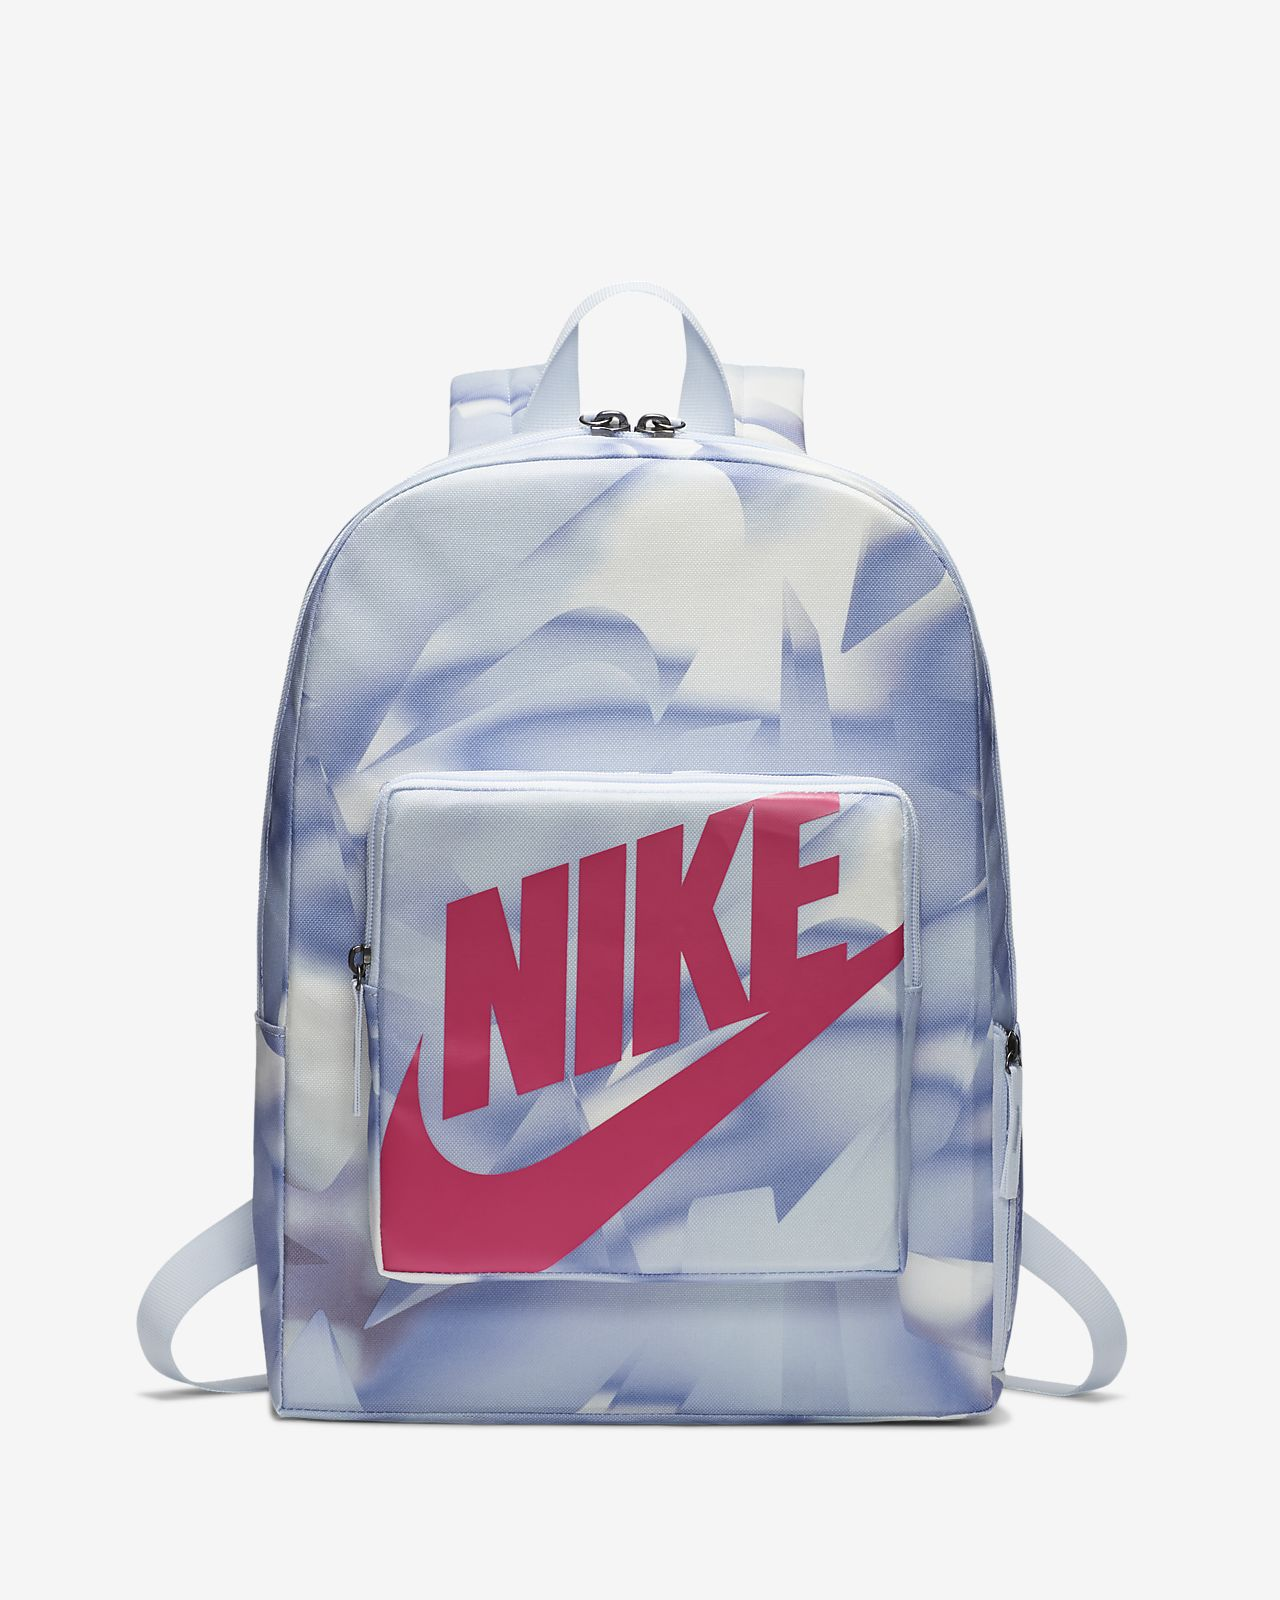 Nike Classic-rygsæk med print til børn